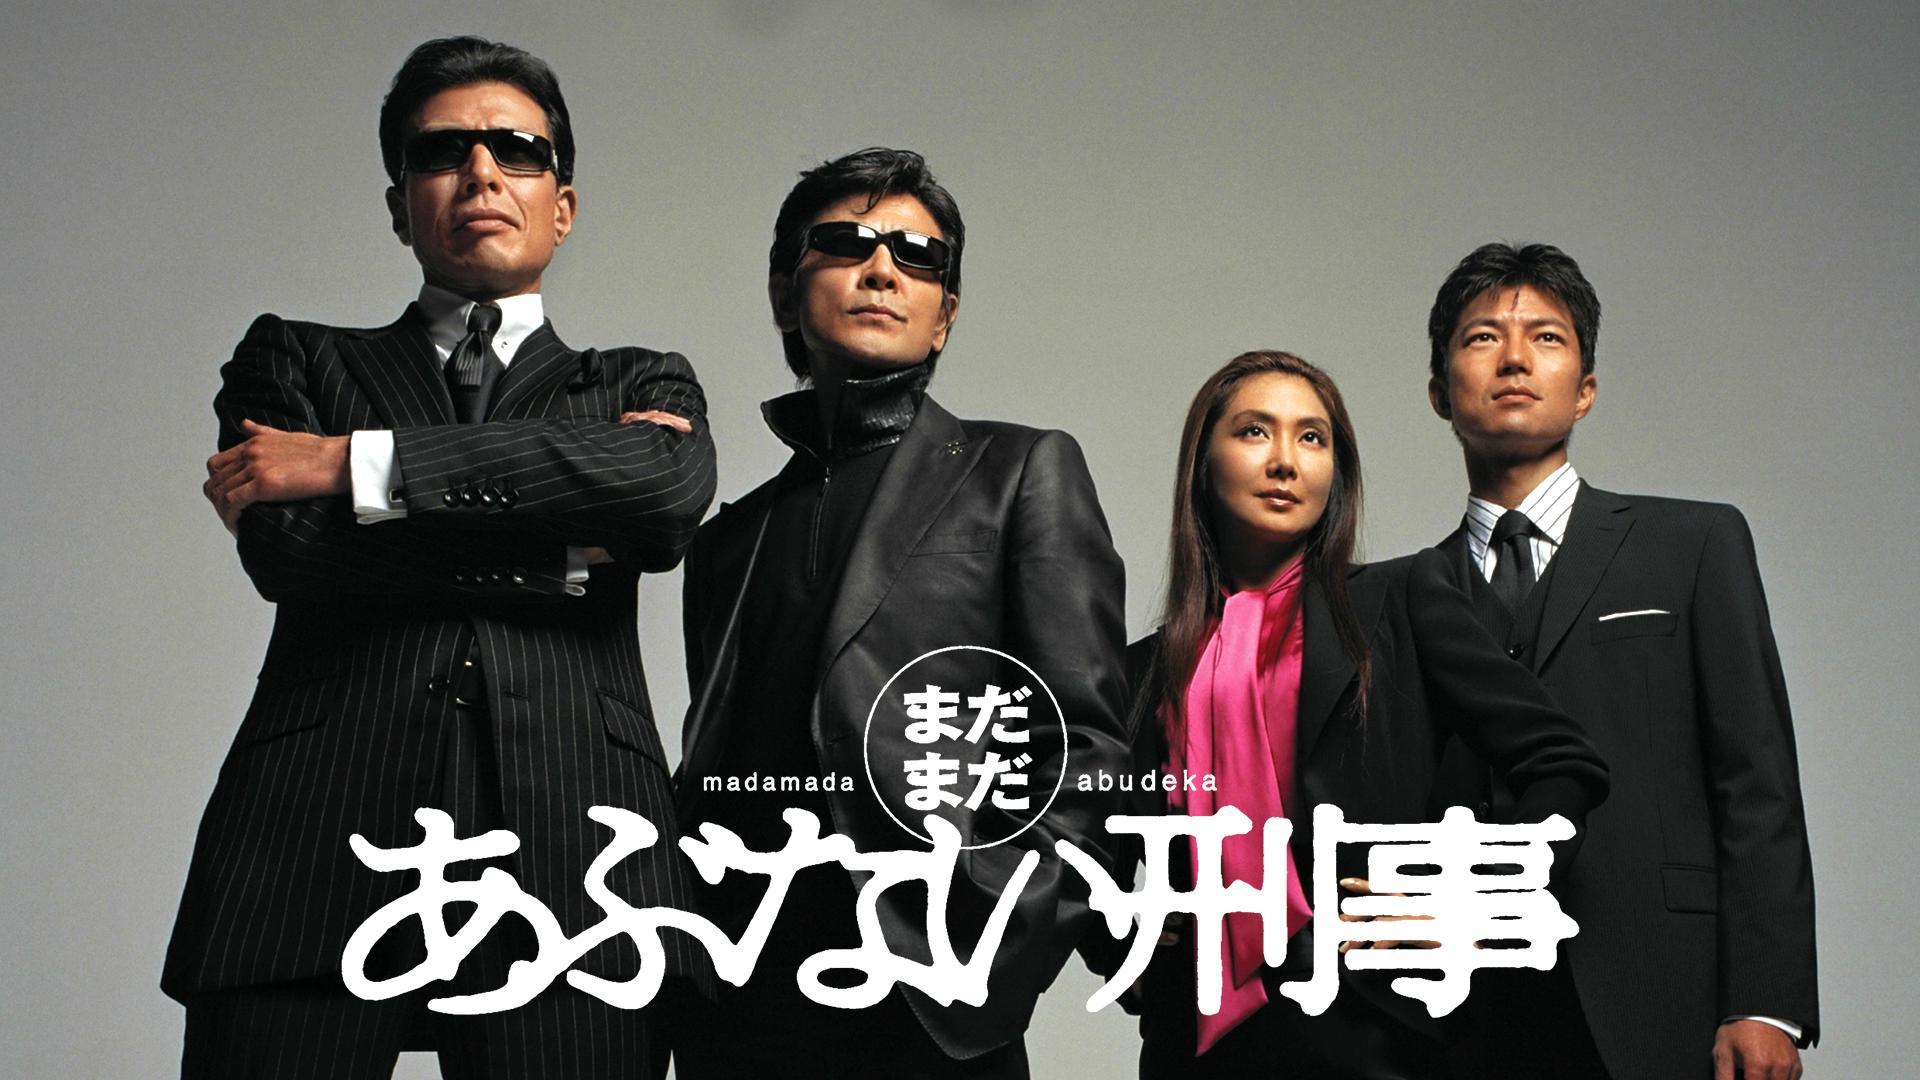 まだまだあぶない刑事(2005)